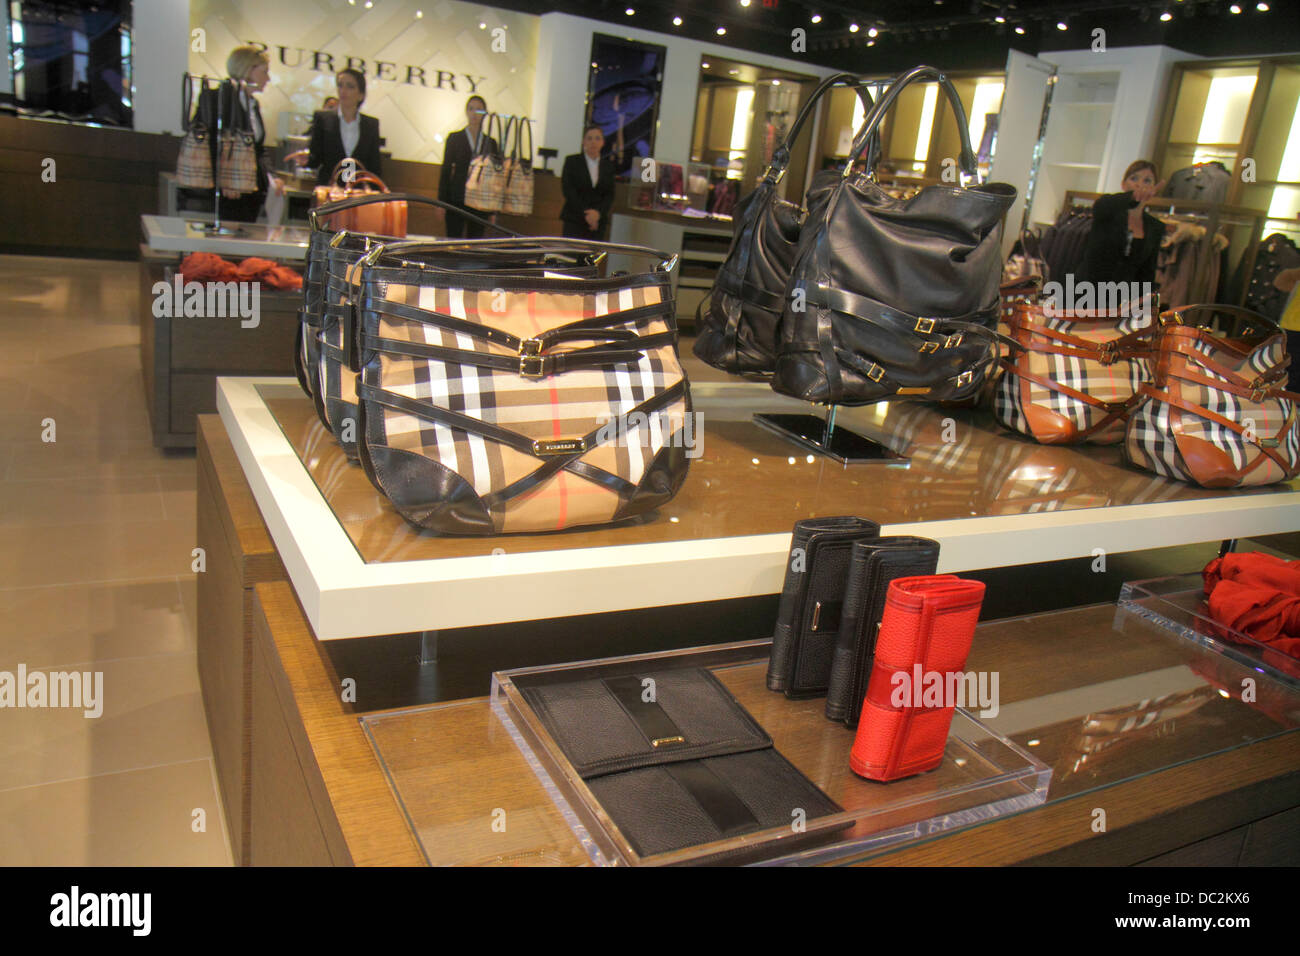 Sunrise en Floride Fort Ft. Lauderdale Sawgrass Mills Mall shopping fashion  vente Burberry Vêtements Accessoires Sacs à main pour femme 0b45bcd2b18